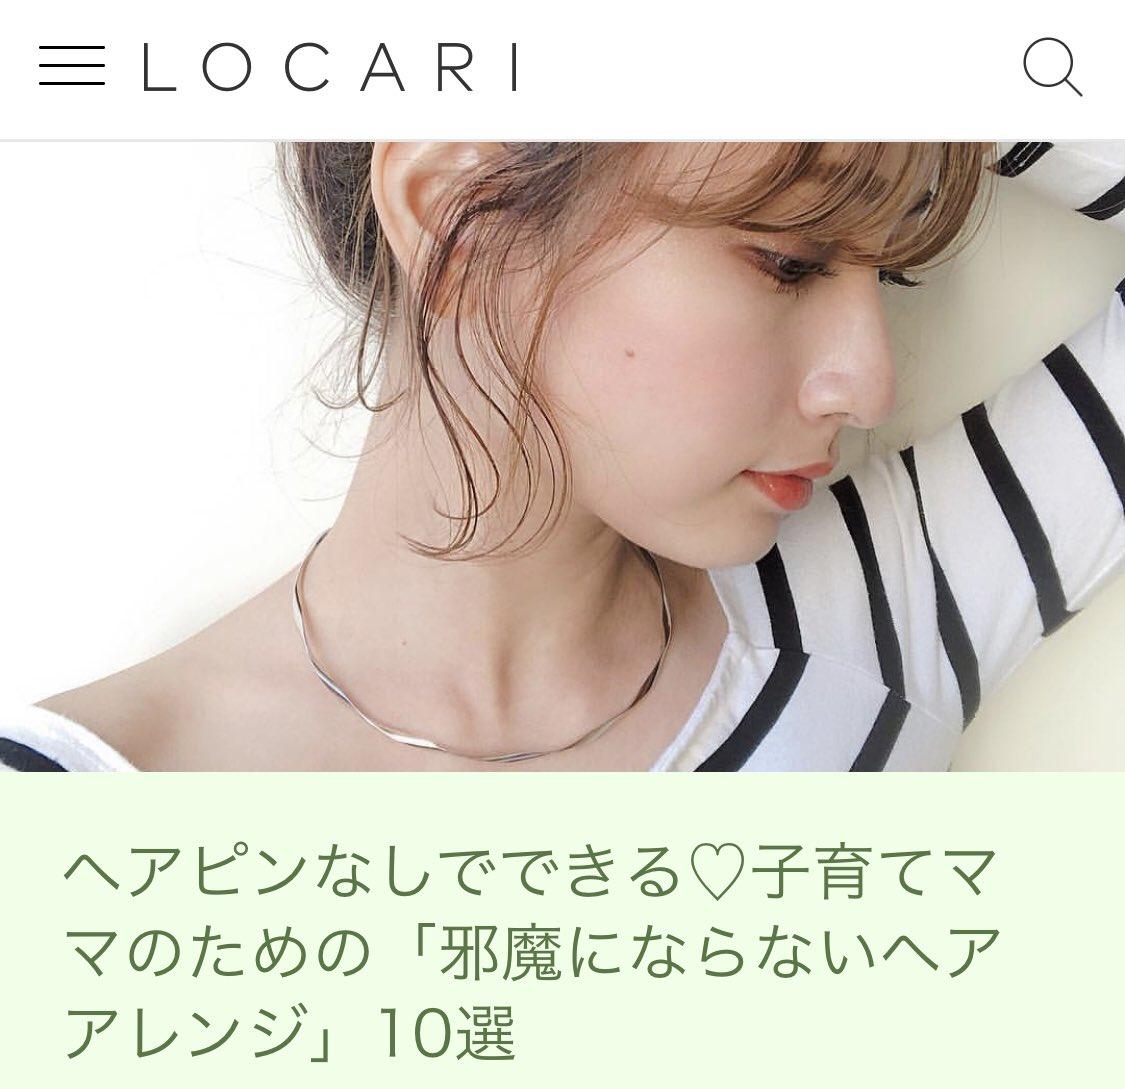 育児中のママにはヘアピンを使わないヘアアレンジがおすすめ💕子どもが触って万が一怪我でもしたら‥は避けたいですよね😊💕#ロカリ #LOCARI #ピックアップ #ママ髪 ヘアピンなしでできる♡子育てママのための「邪魔にならないヘアアレンジ」10選  @locari_jpより